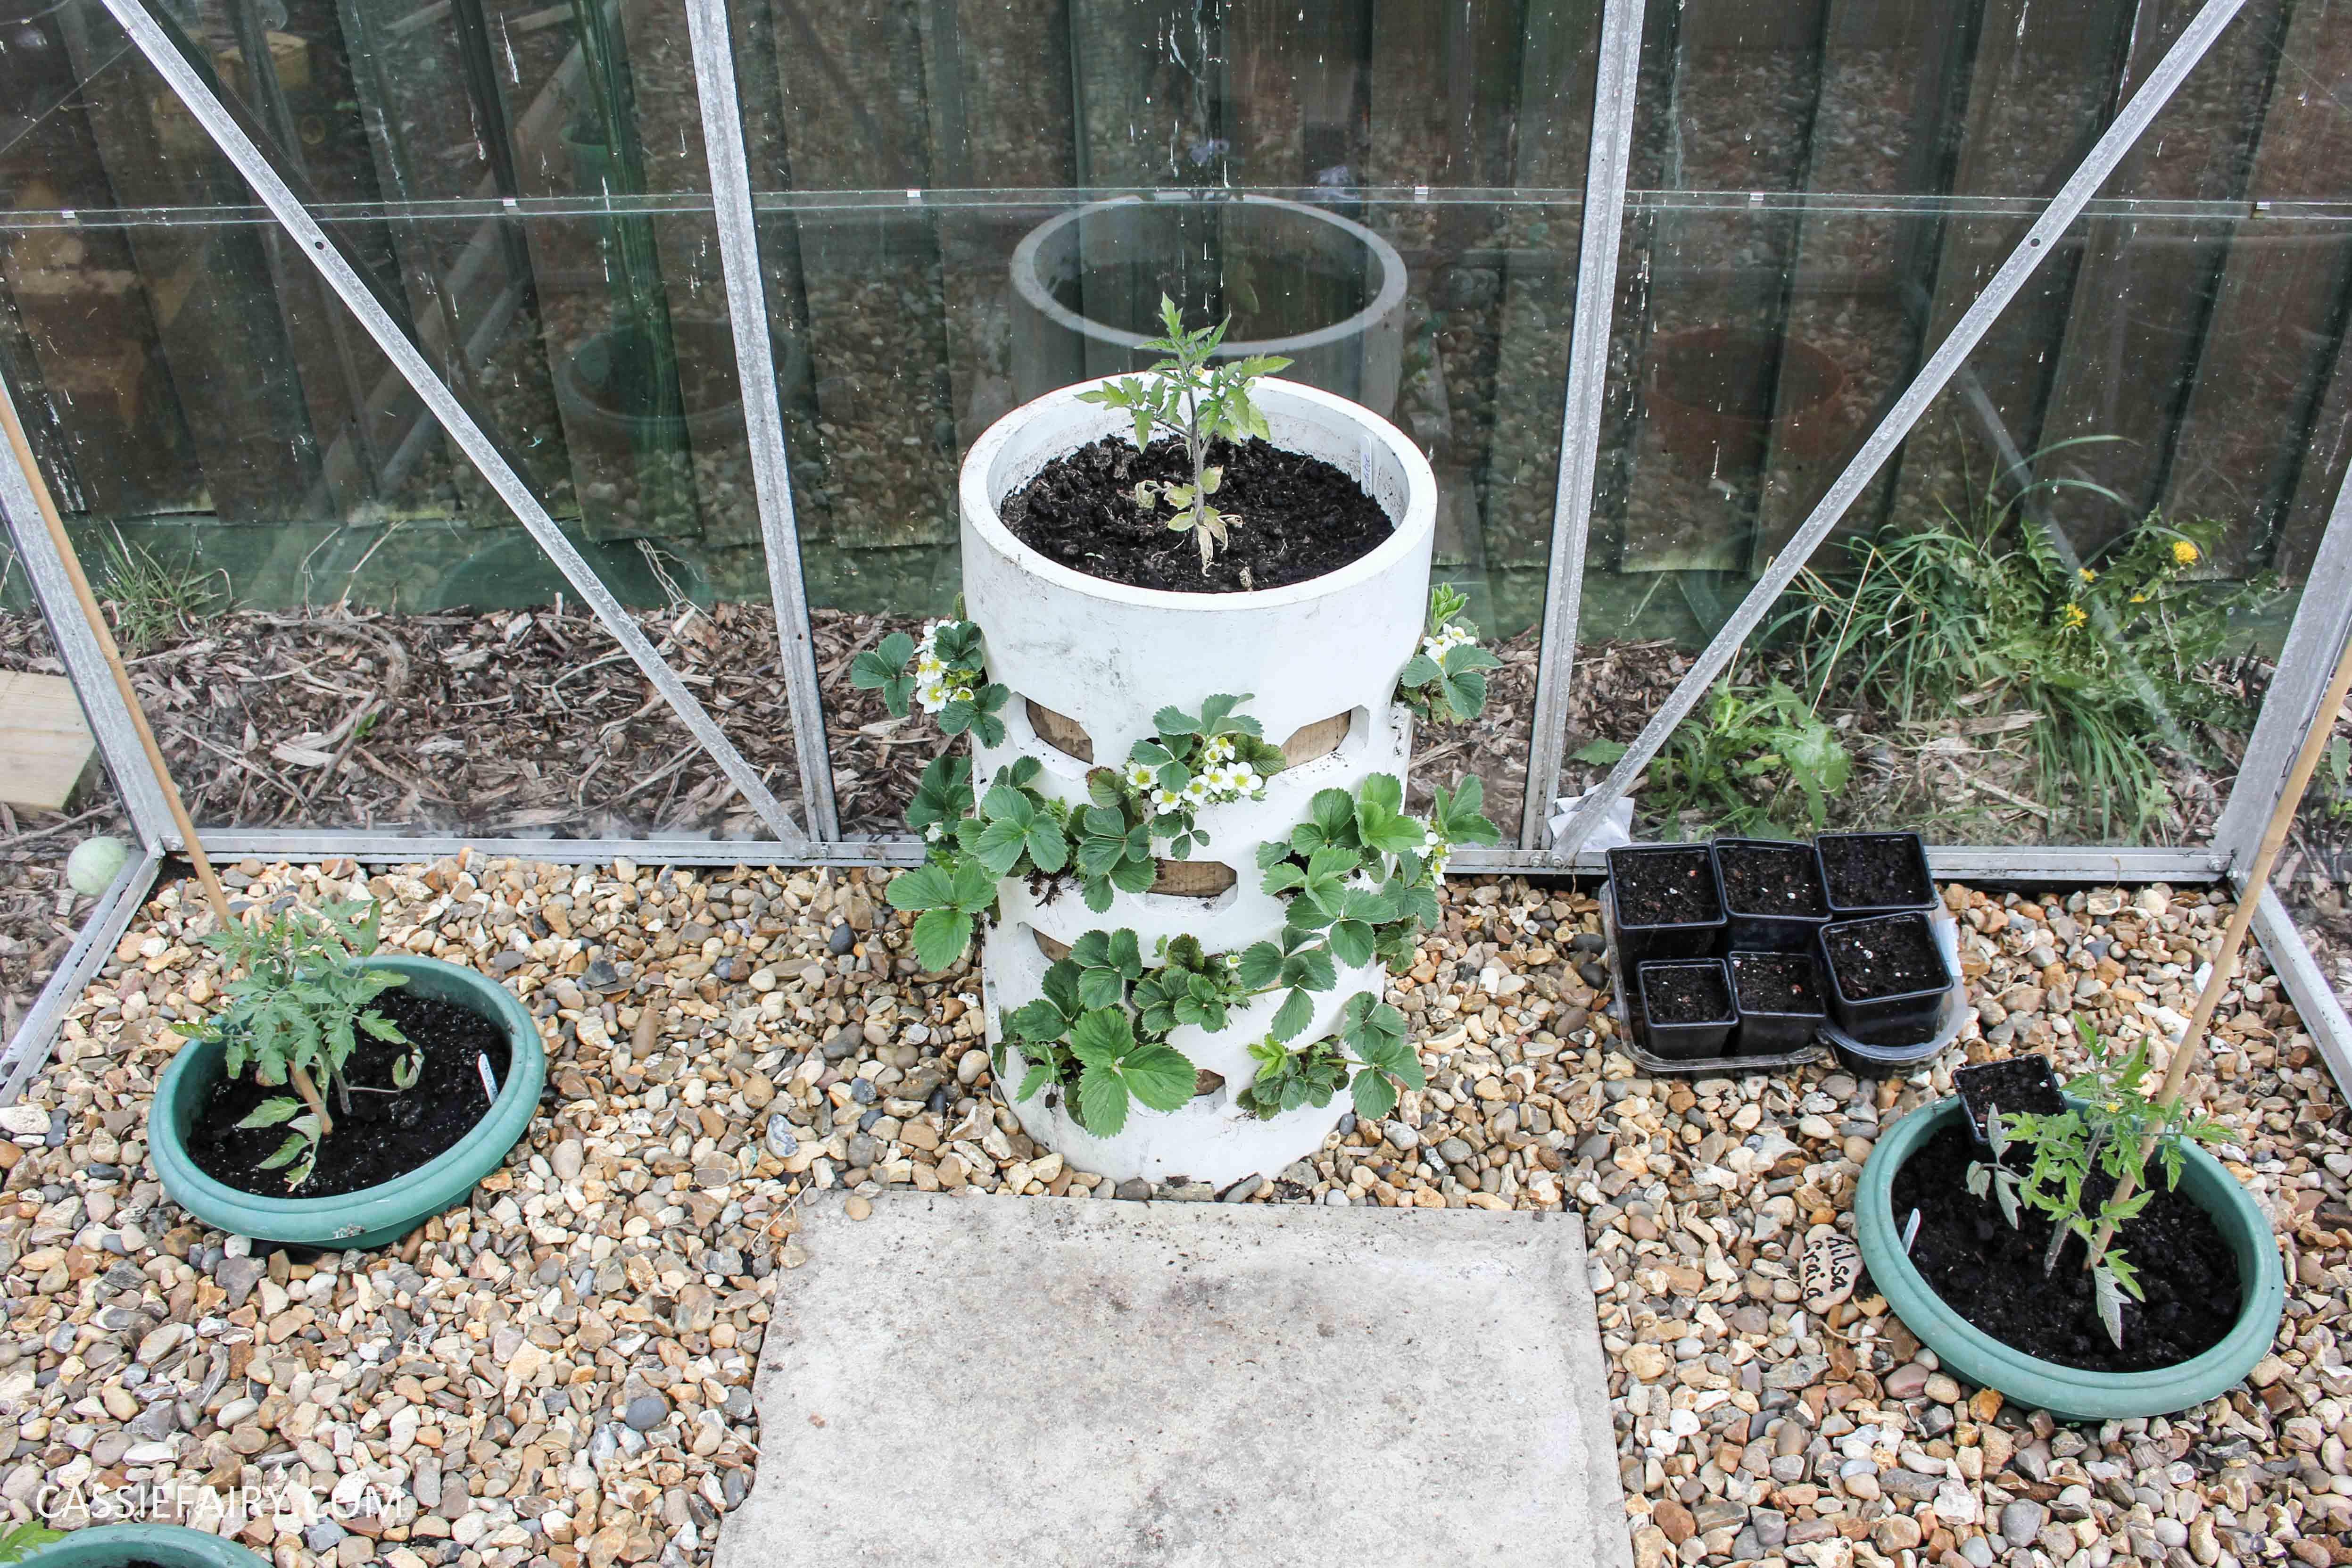 diy homemade strawberry planter greenhouse spring makeover veggie patch